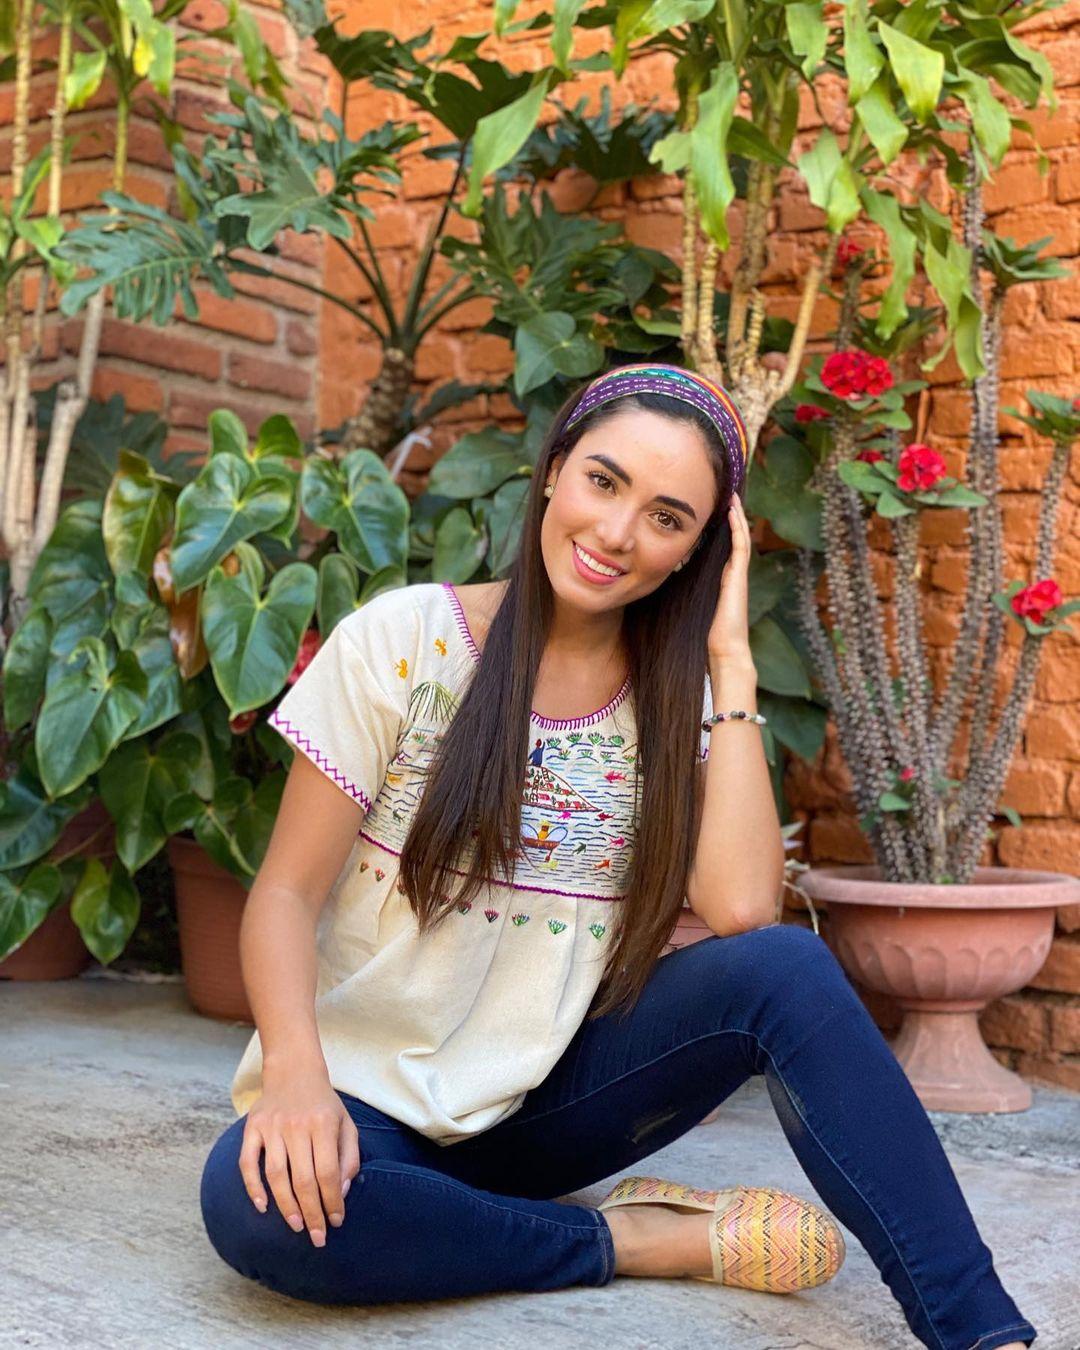 karolina vidales, candidata a miss mexico 2021, representando michoacan. - Página 10 Wuzwv10